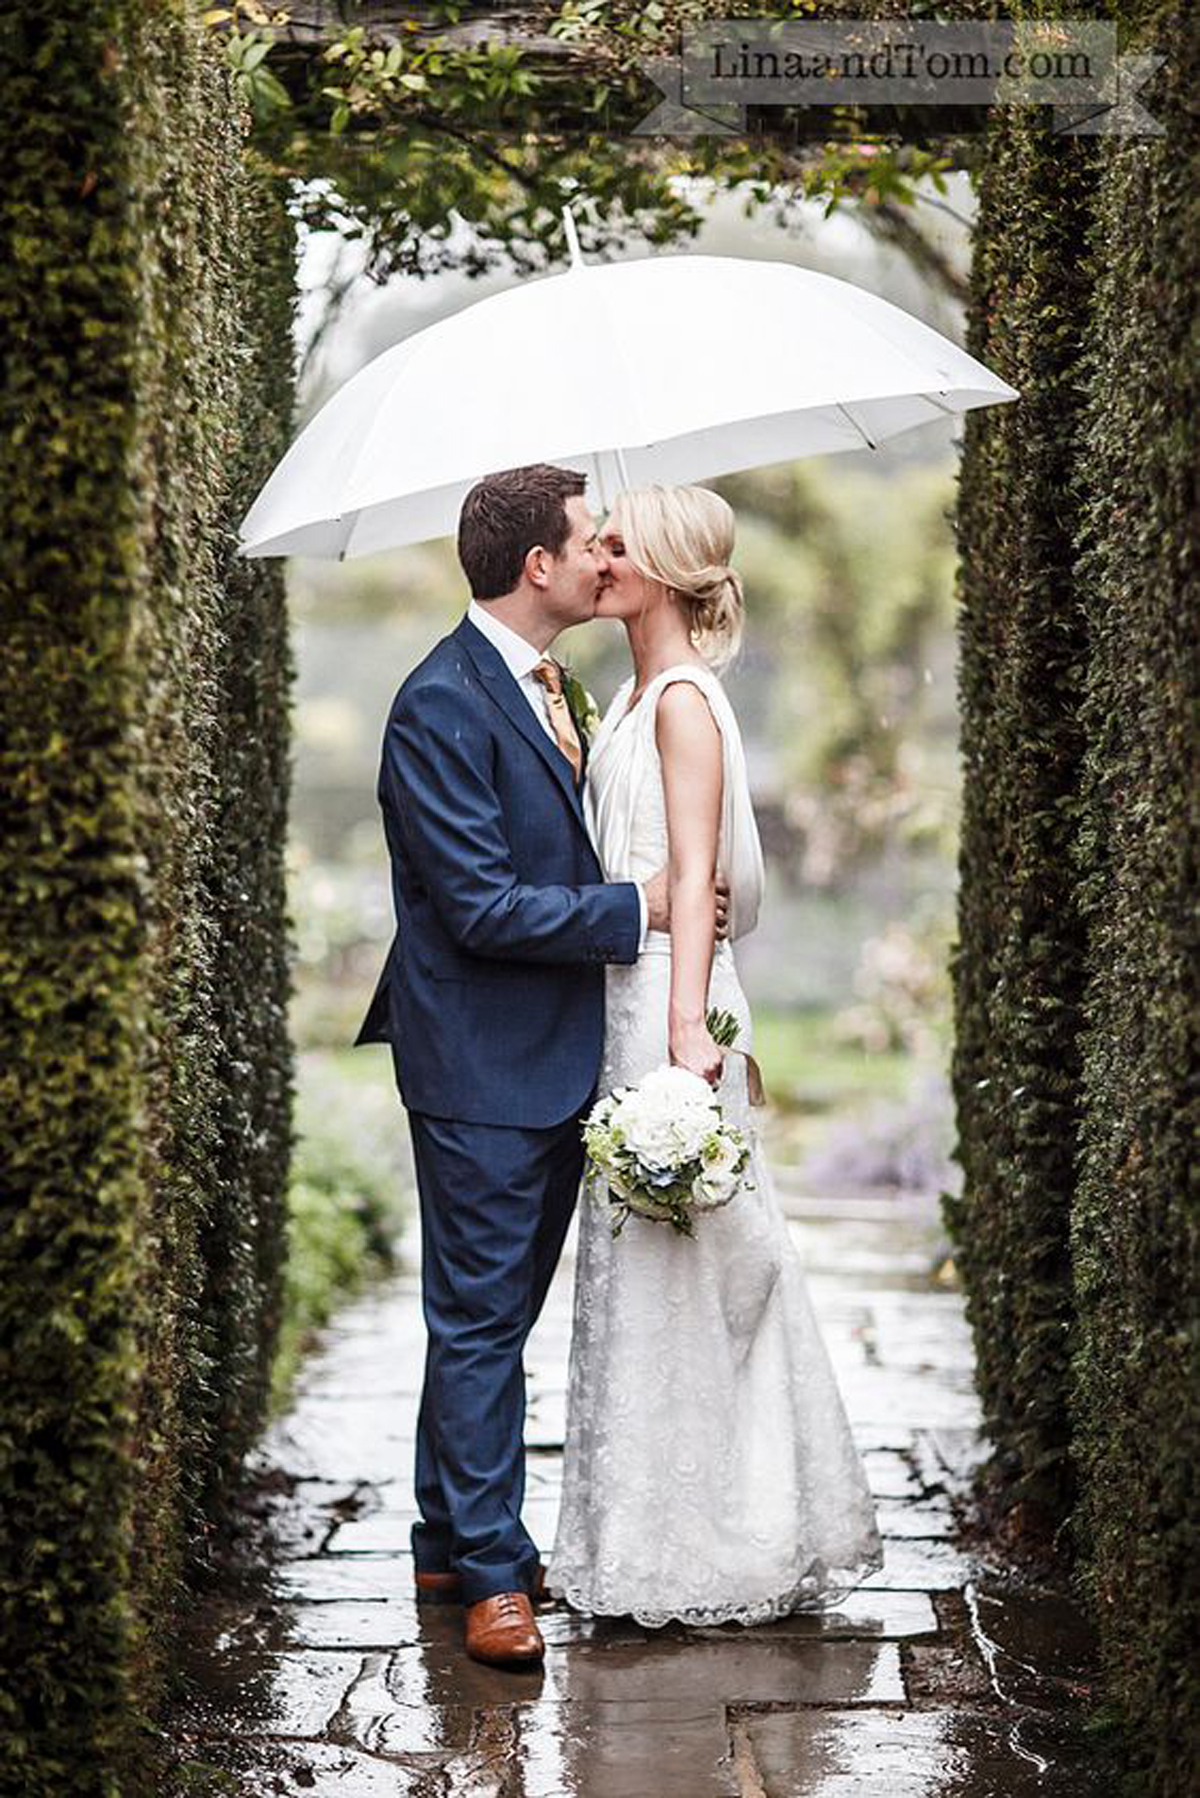 Consejos-para-una-boda-con-lluvia-19